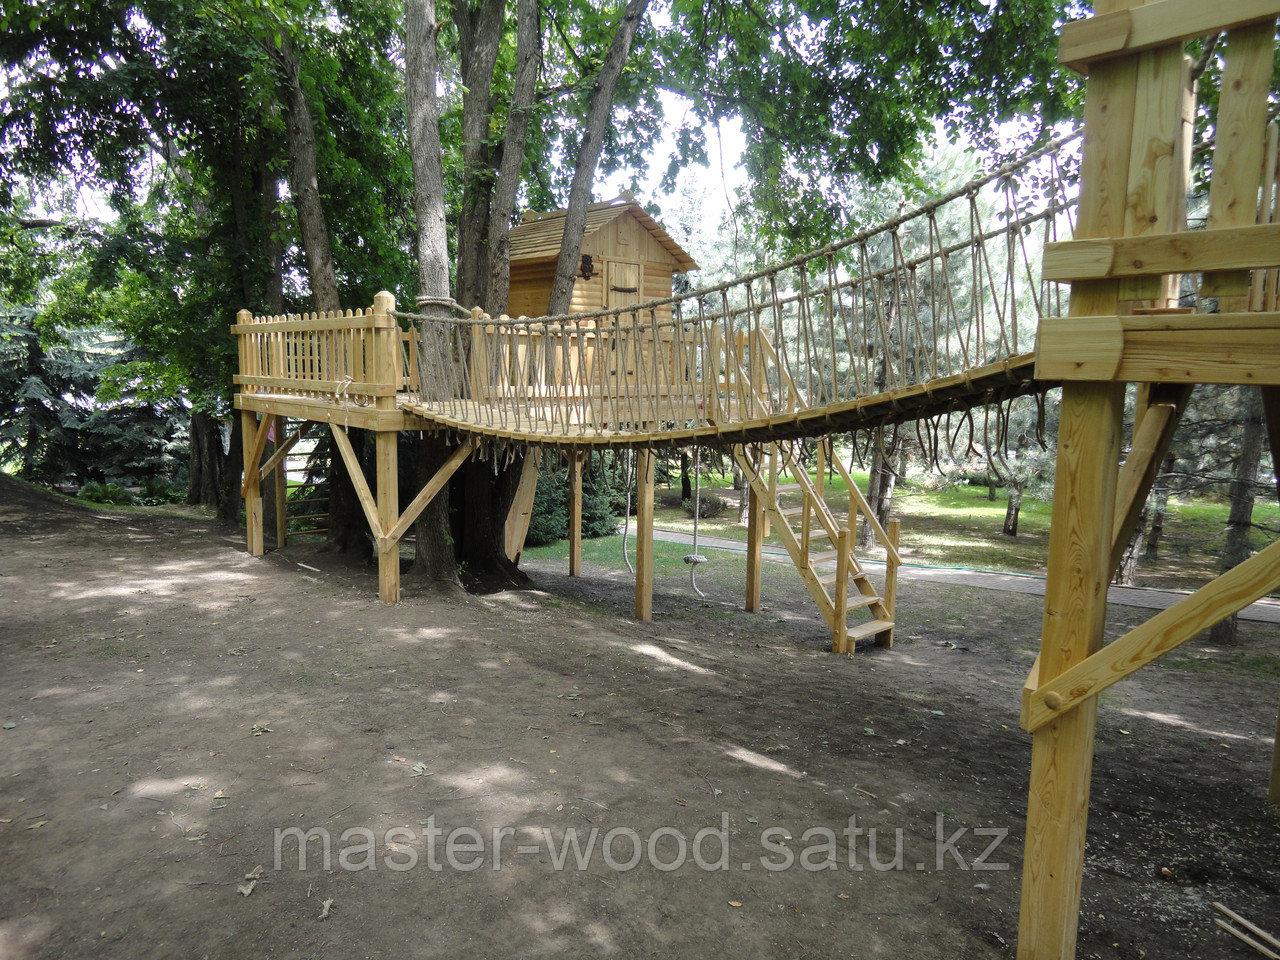 Деревянные садовые домики и домики на деревьях - фото 2